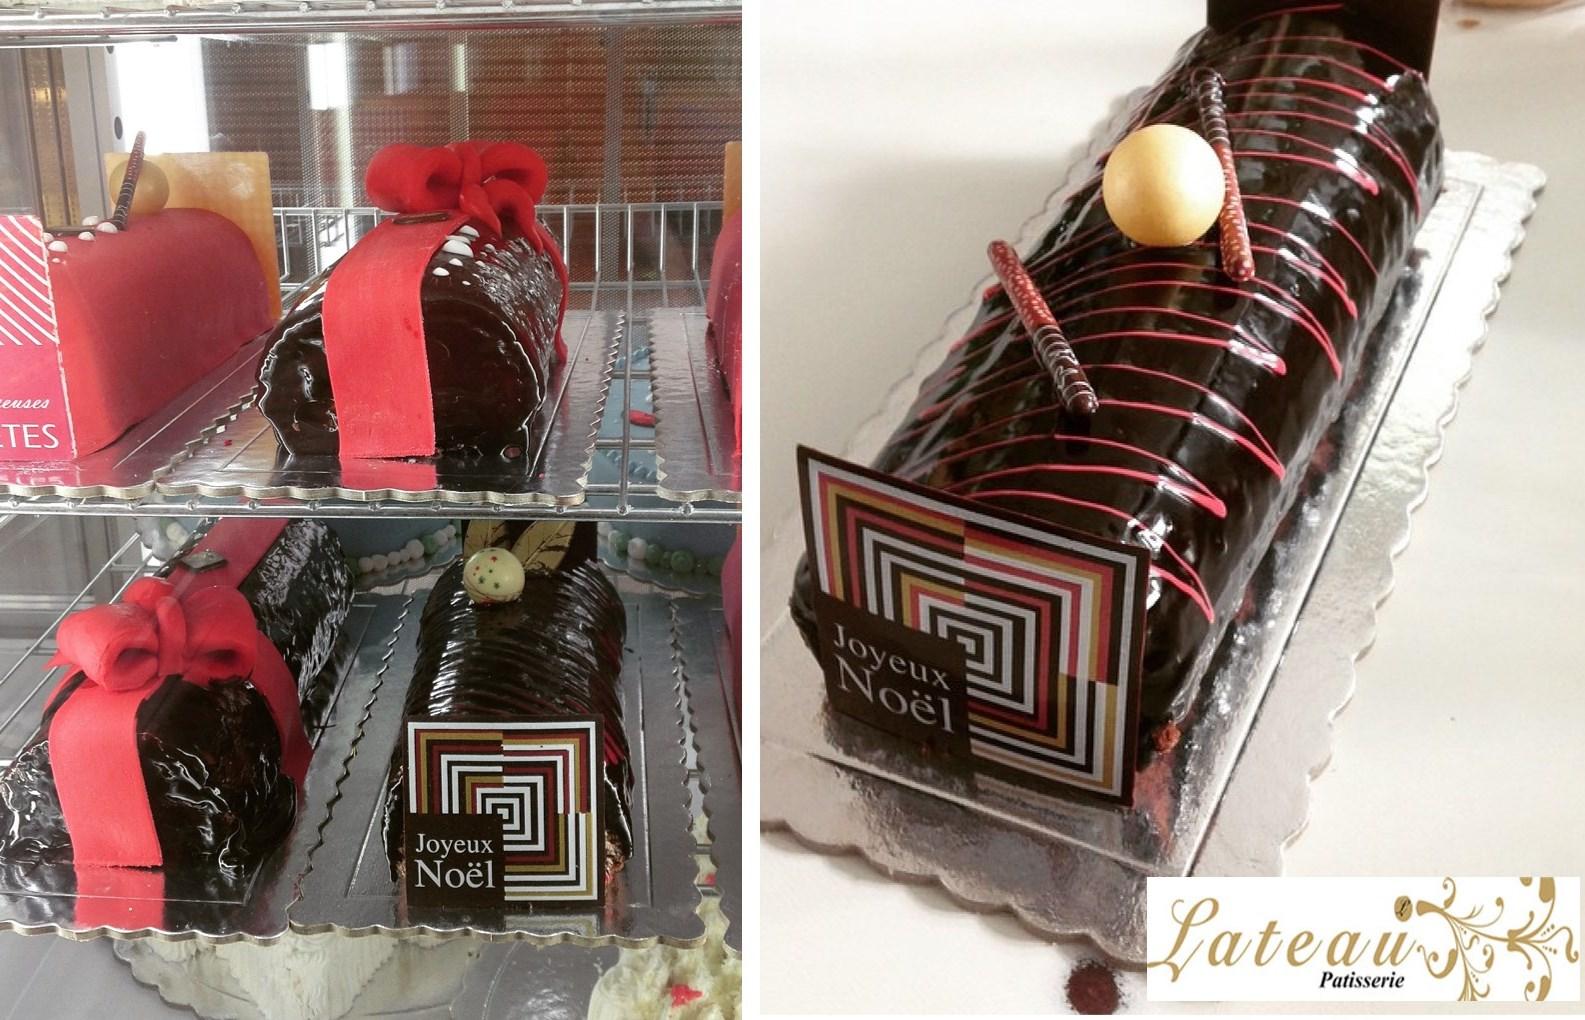 9€ από 22€ για ολόφρεσκo Σοκολατένιο Κορμό Χριστουγέννων 1,3kg, στο ζαχαροπλαστείο ''Lateau Patisserie'', στην Πανόρμου, δίπλα στο μετρό. Ένα Υπέροχο σοκολατένιο γλυκό, ιδανικό για το γιορτινό τραπέζι! εικόνα